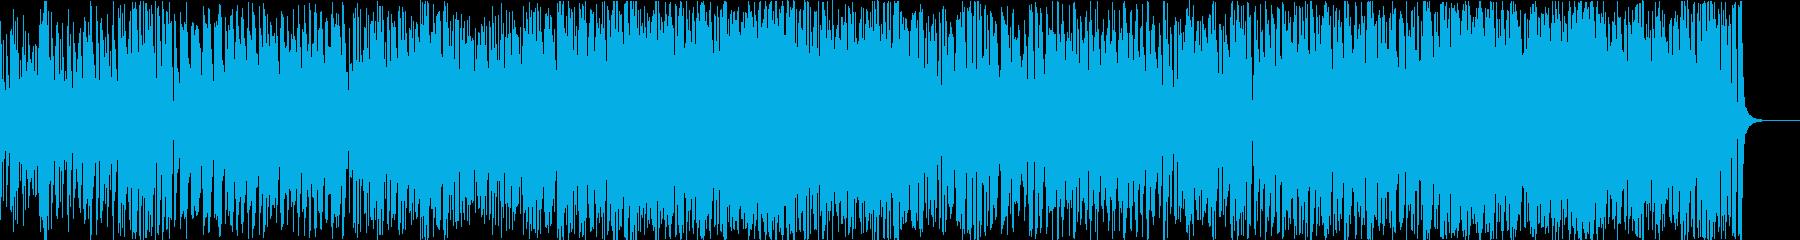 ボサノバ・まったりした可愛い系 の再生済みの波形